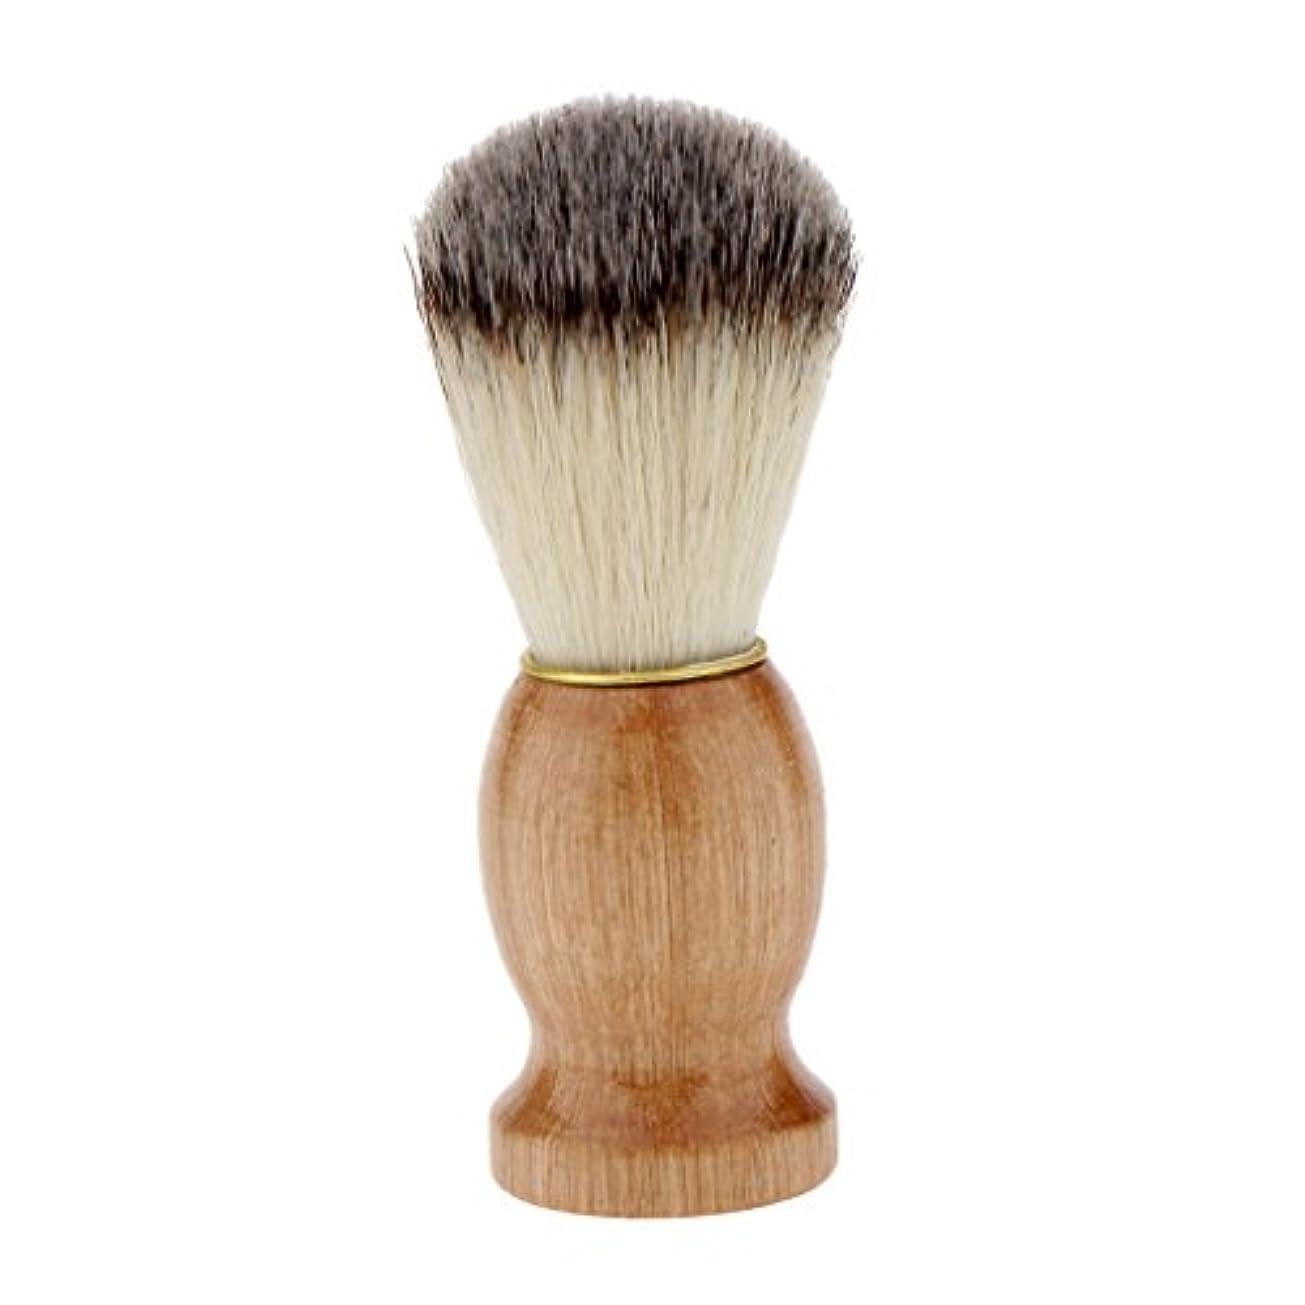 舗装するほこりっぽい賞賛する男性ギフト剃毛シェービングブラシプロ理髪店サロン剛毛ブラシウッドハンドルダストクリーニングツール